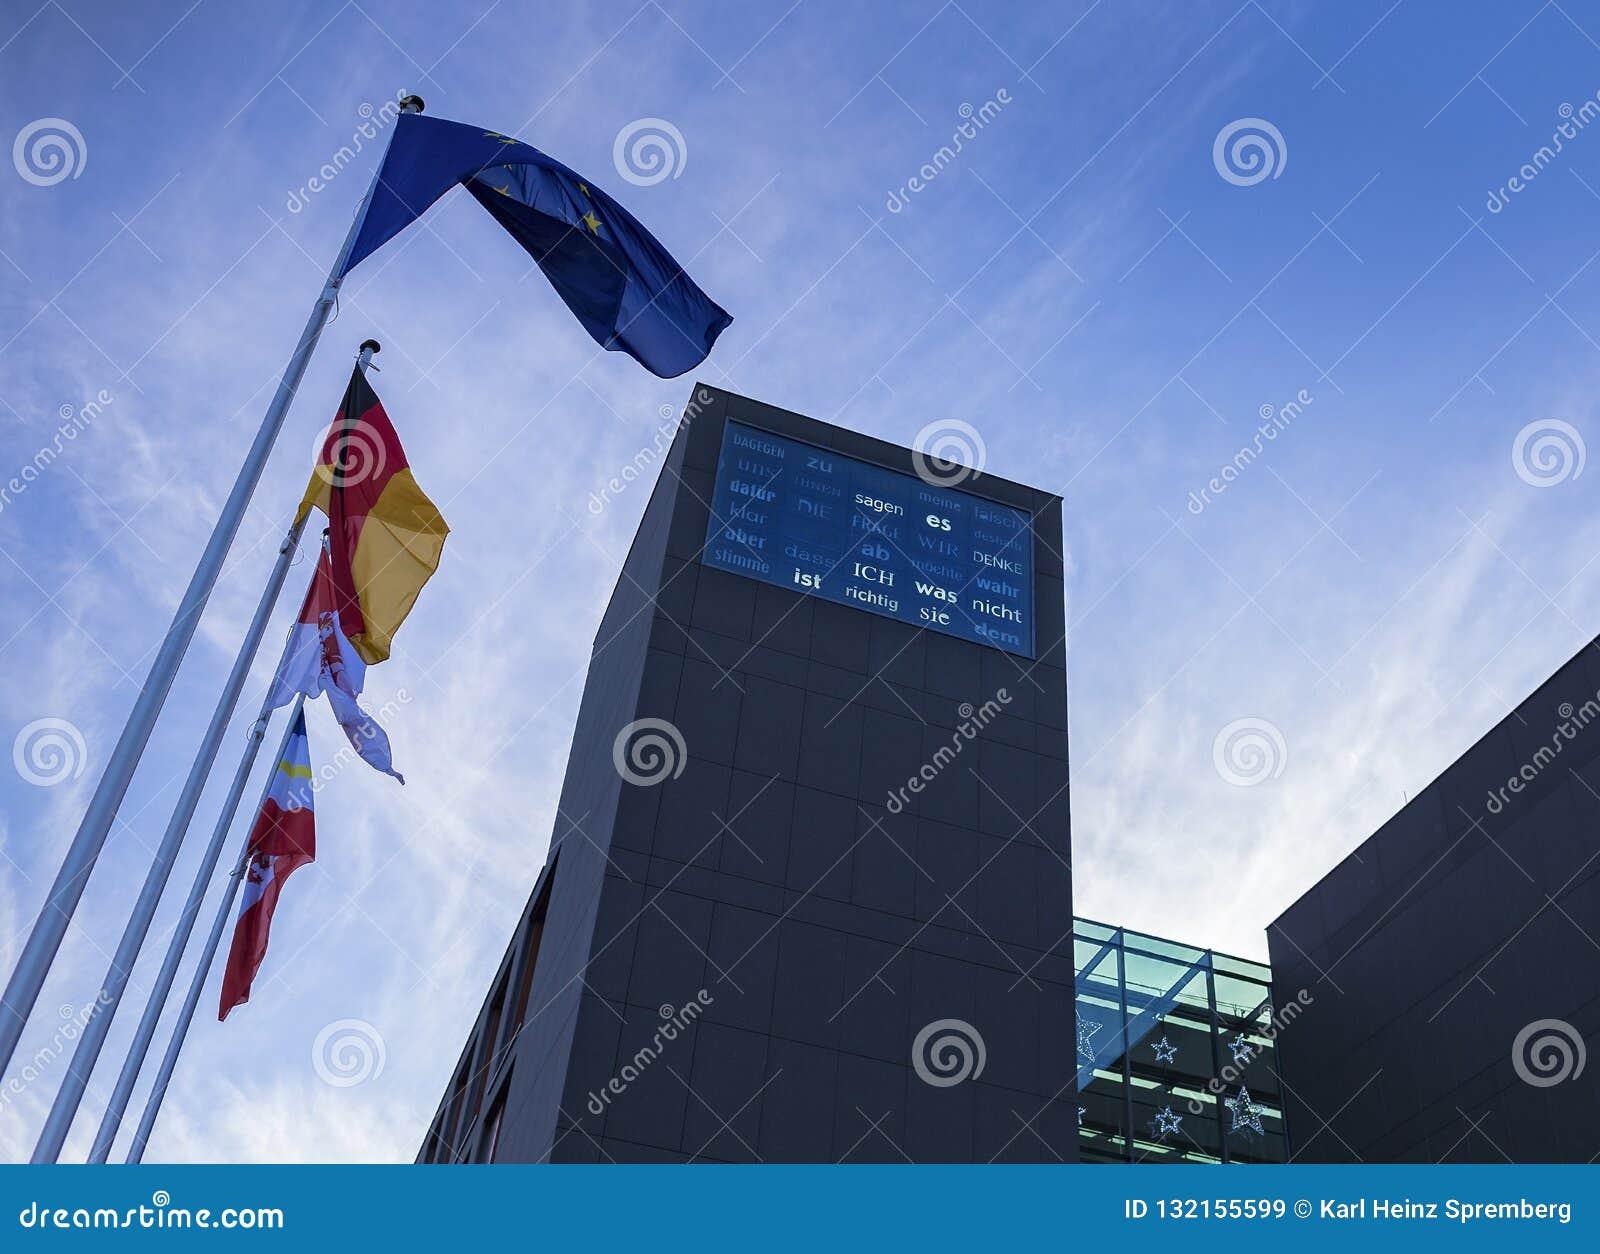 De vlaggen blazen voor de staat representatief voor Brandenburg in Berlin Mitte